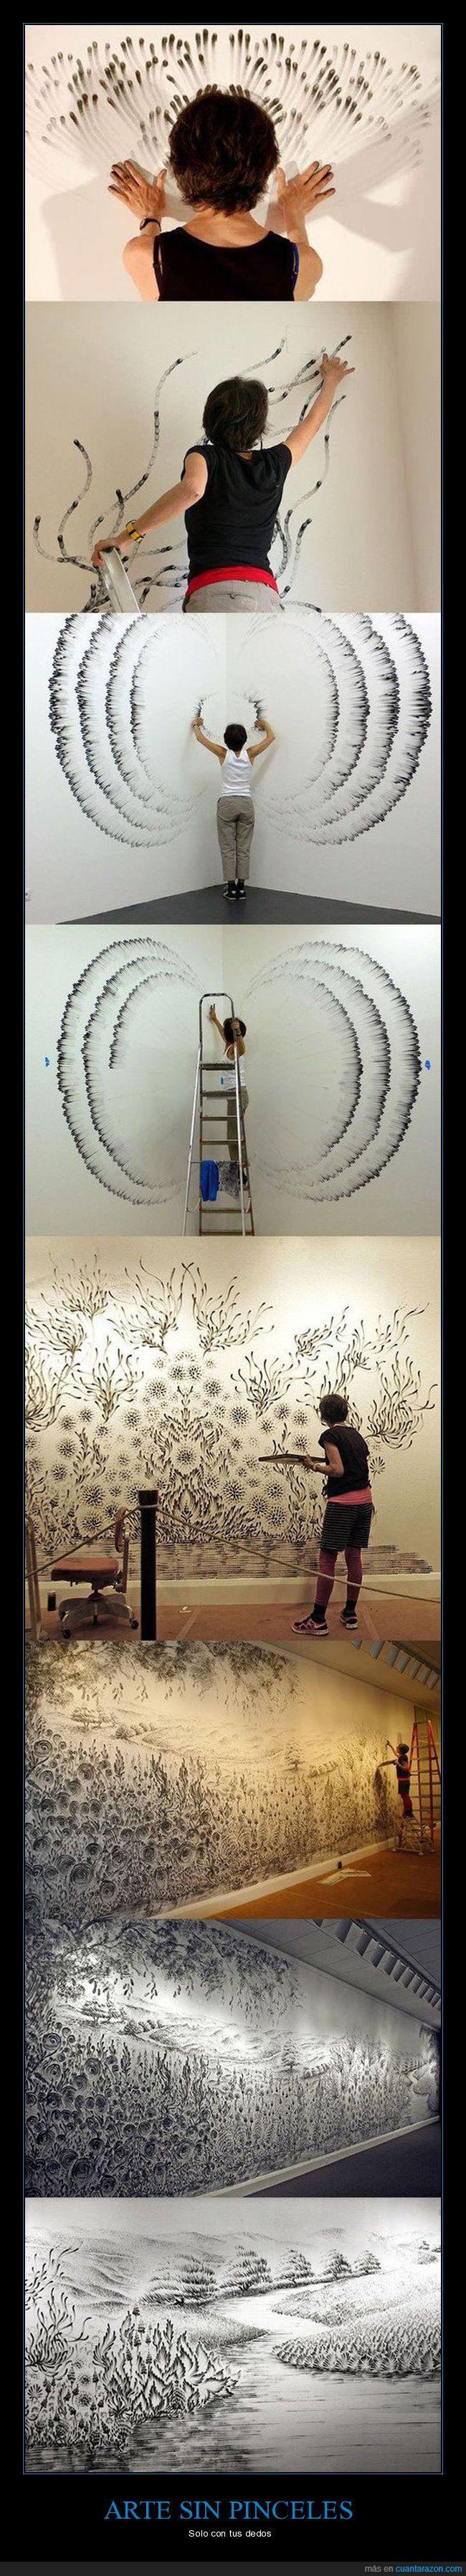 arte,dedos,pared,pintar